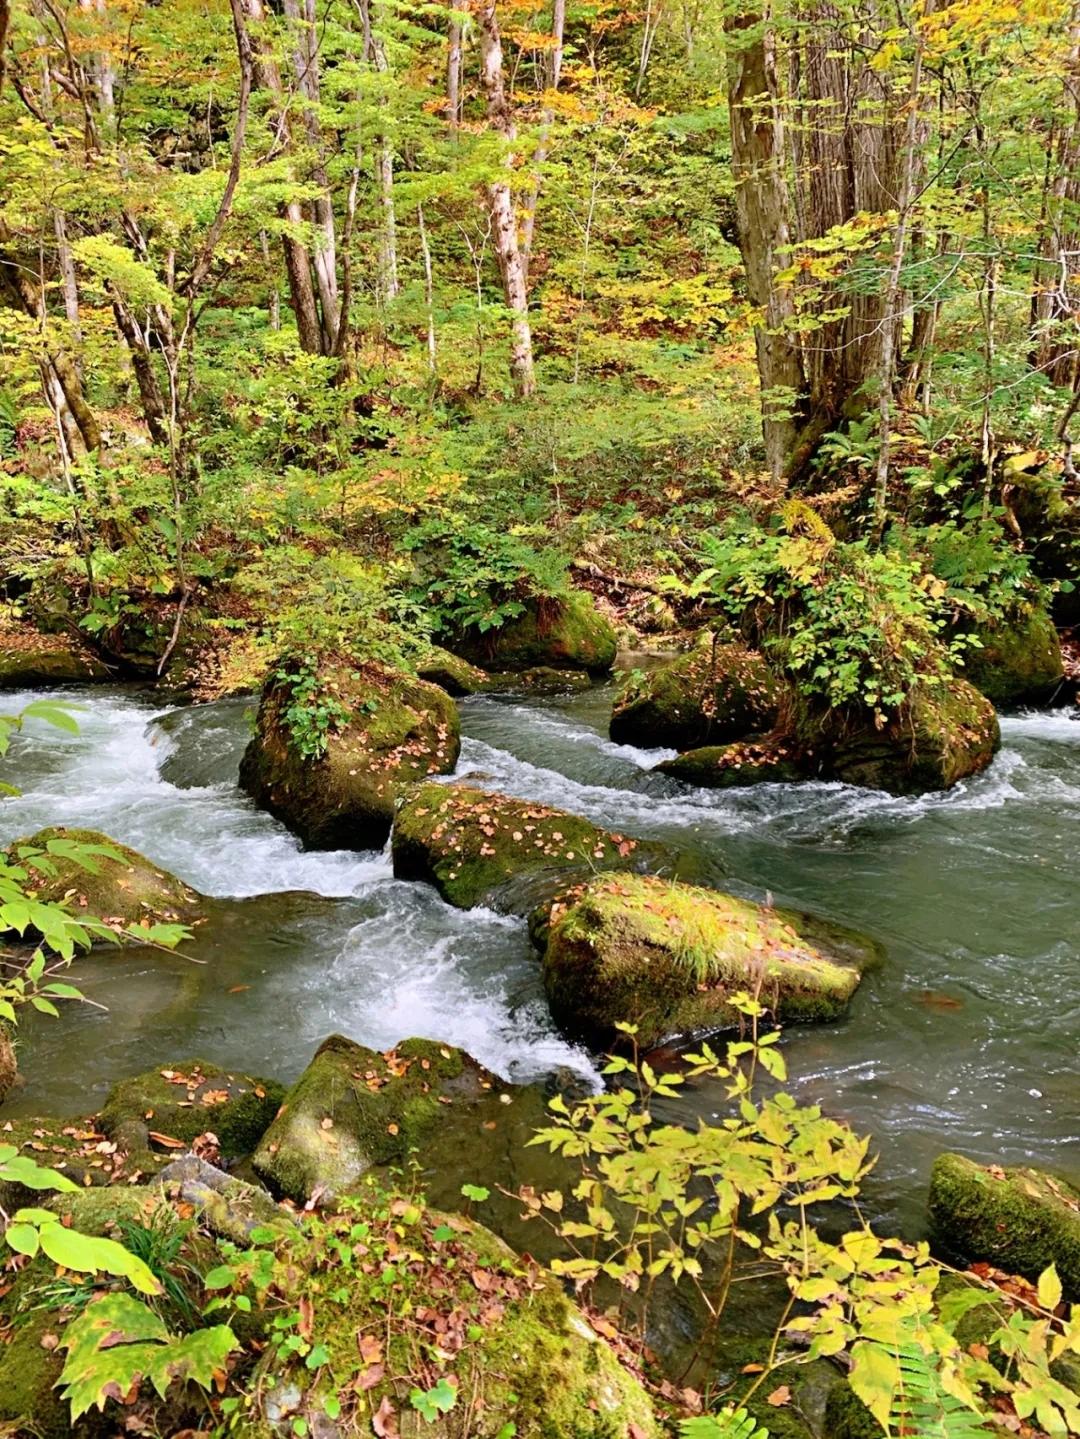 在青森开启自然之旅 看湖光山色 漫步茂密森林